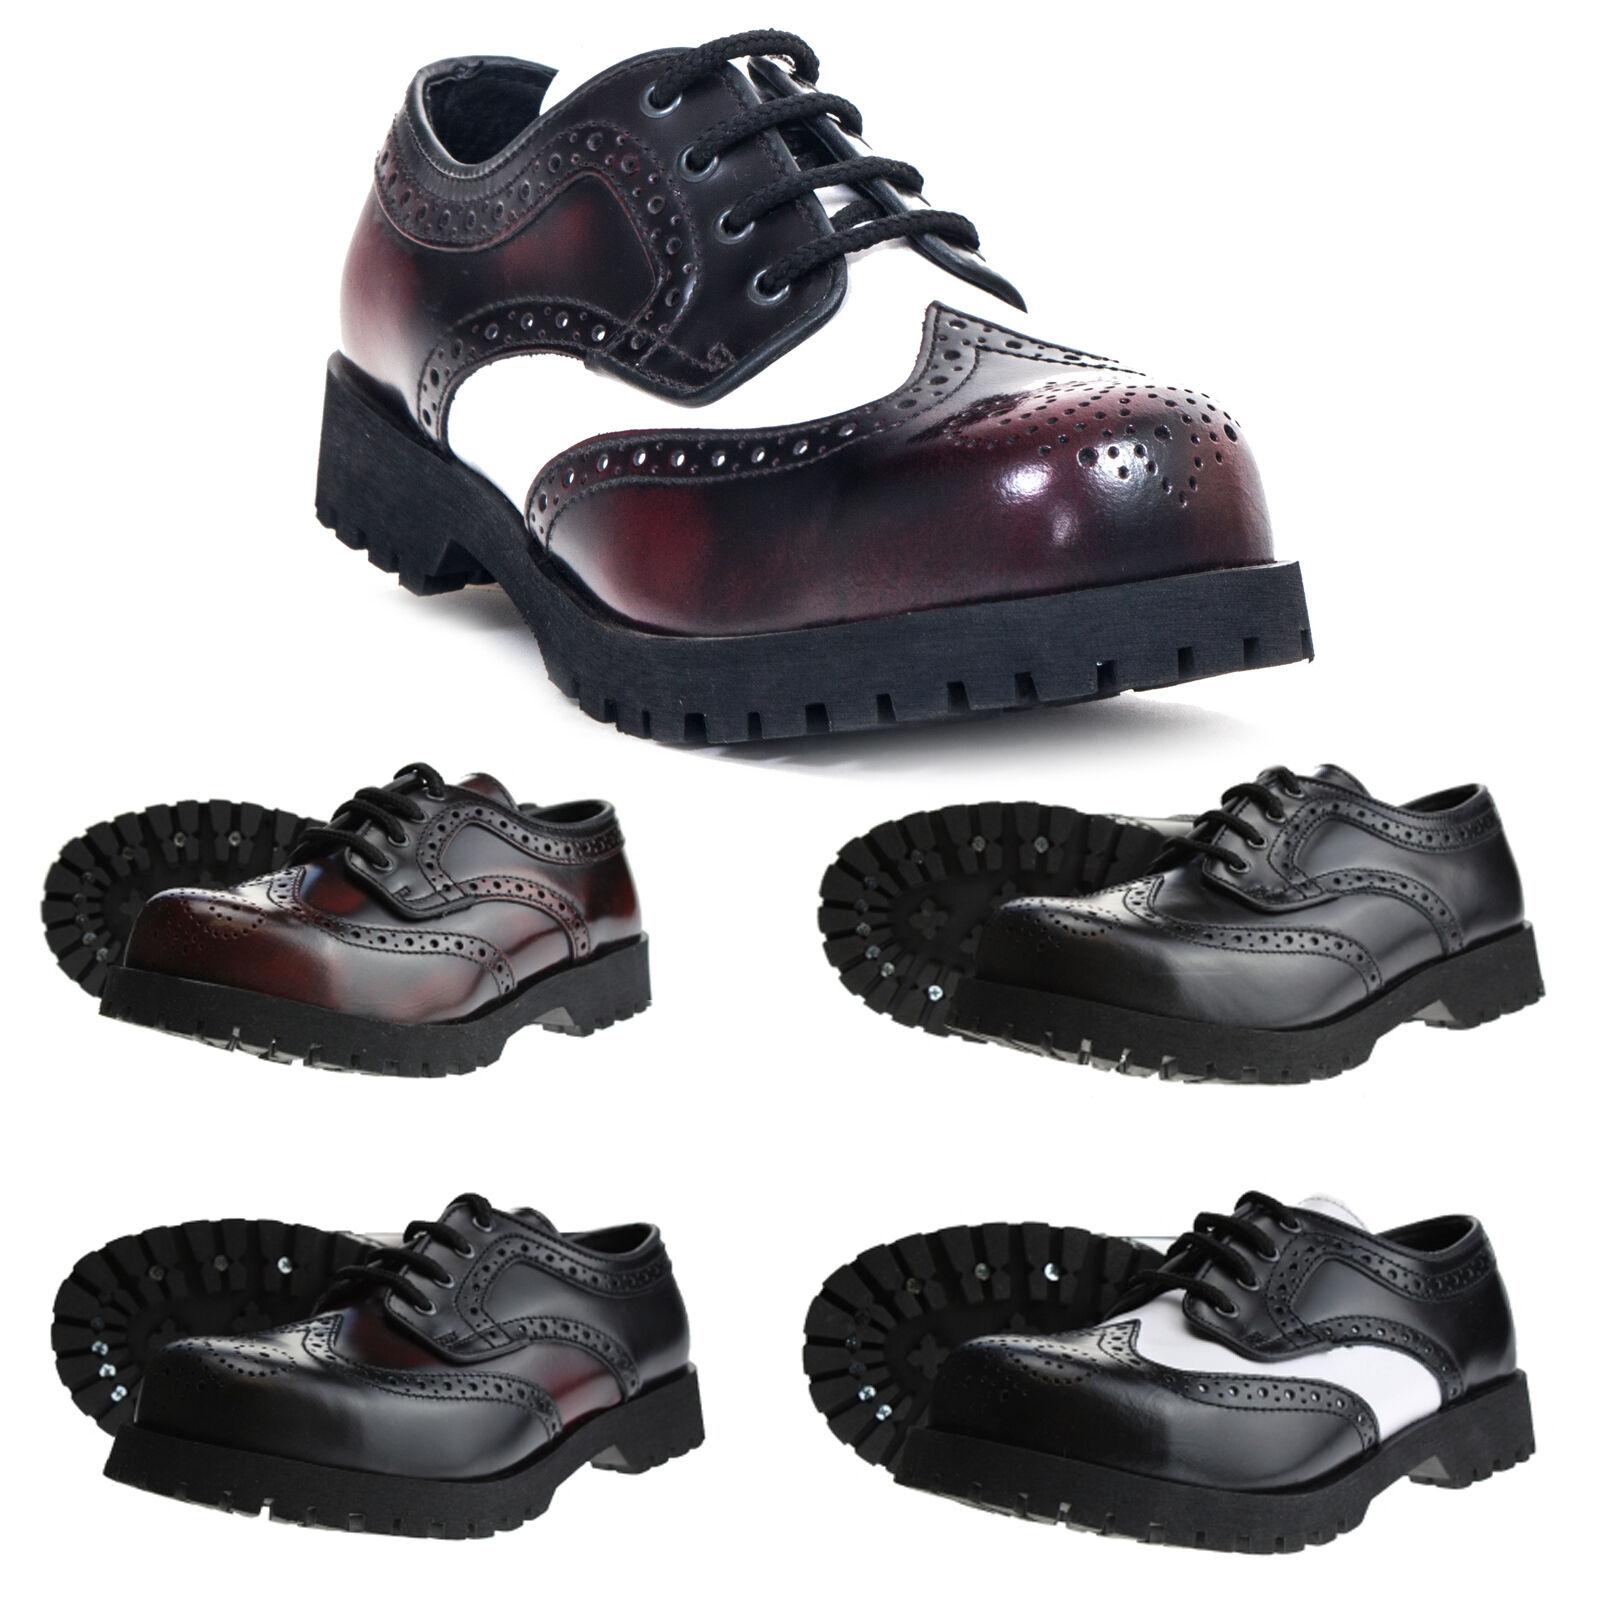 brand new 35f68 2b0b9 Boots   jambes - 4-trou de Budapest Chaussures Acier Capuchon Capuchon  Capuchon plusieurs Couleurs eed65b